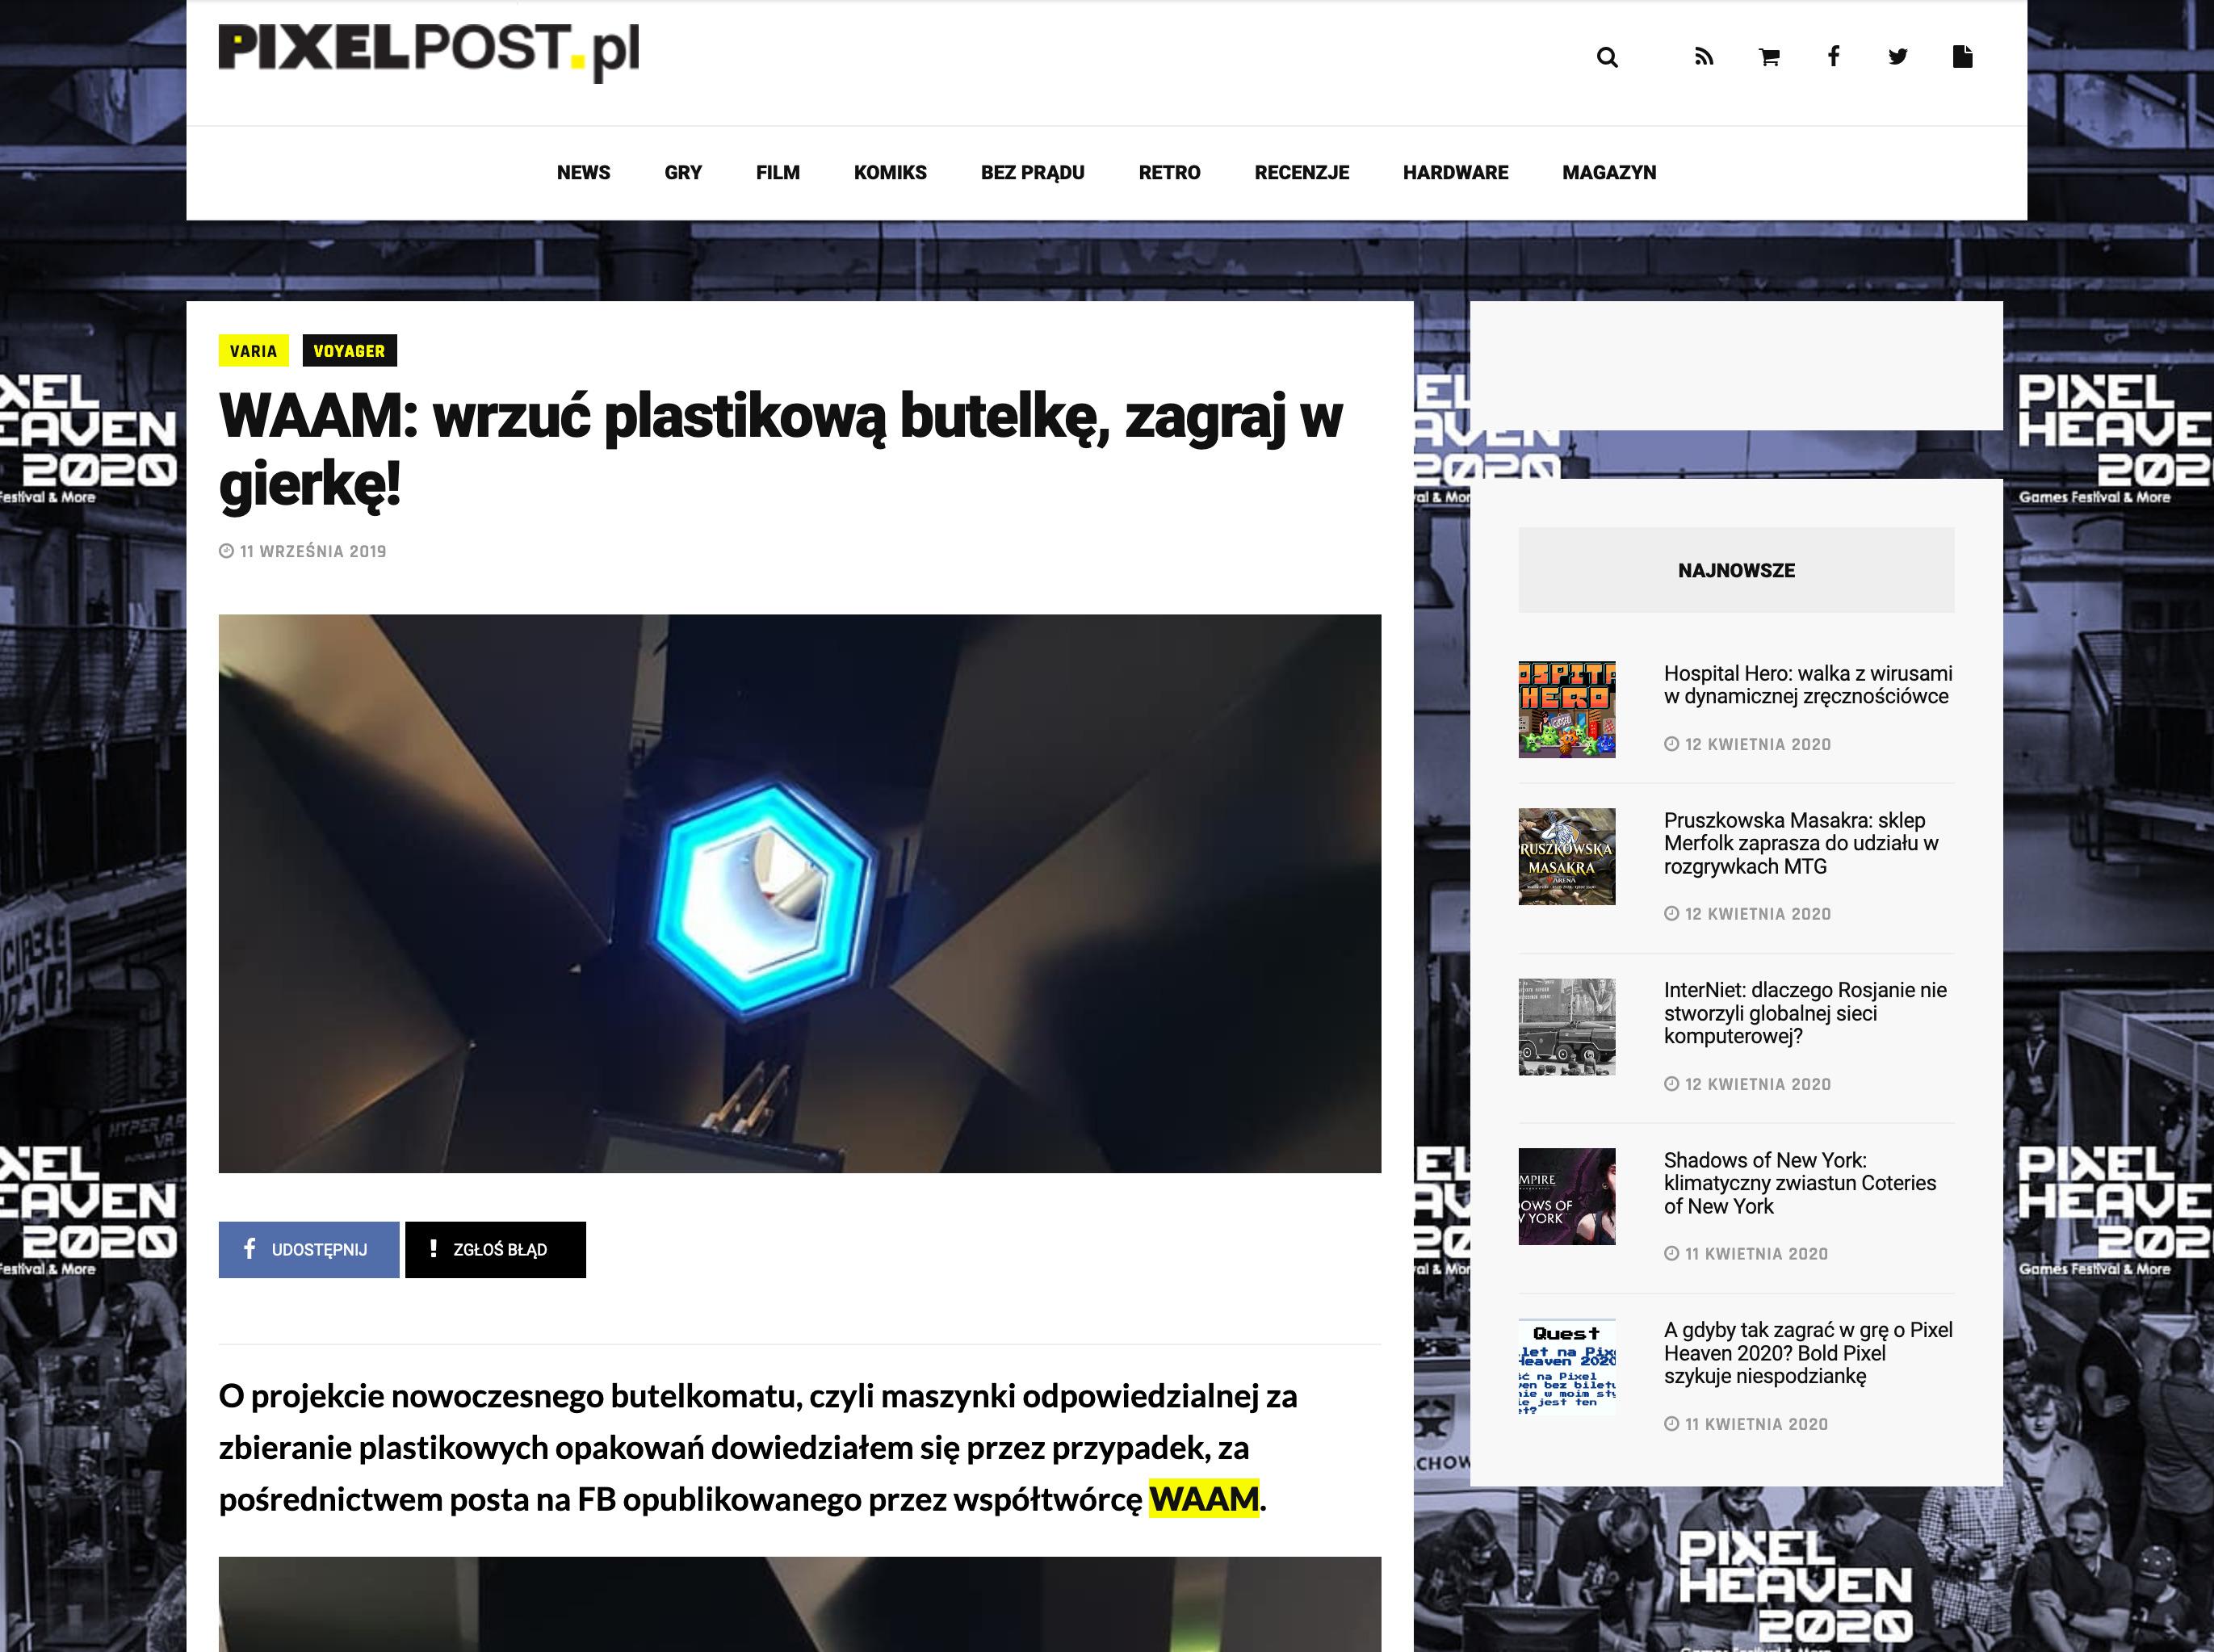 pixelpost.pl WAAM: wrzuć plastikową butelkę, zagraj w gierkę!